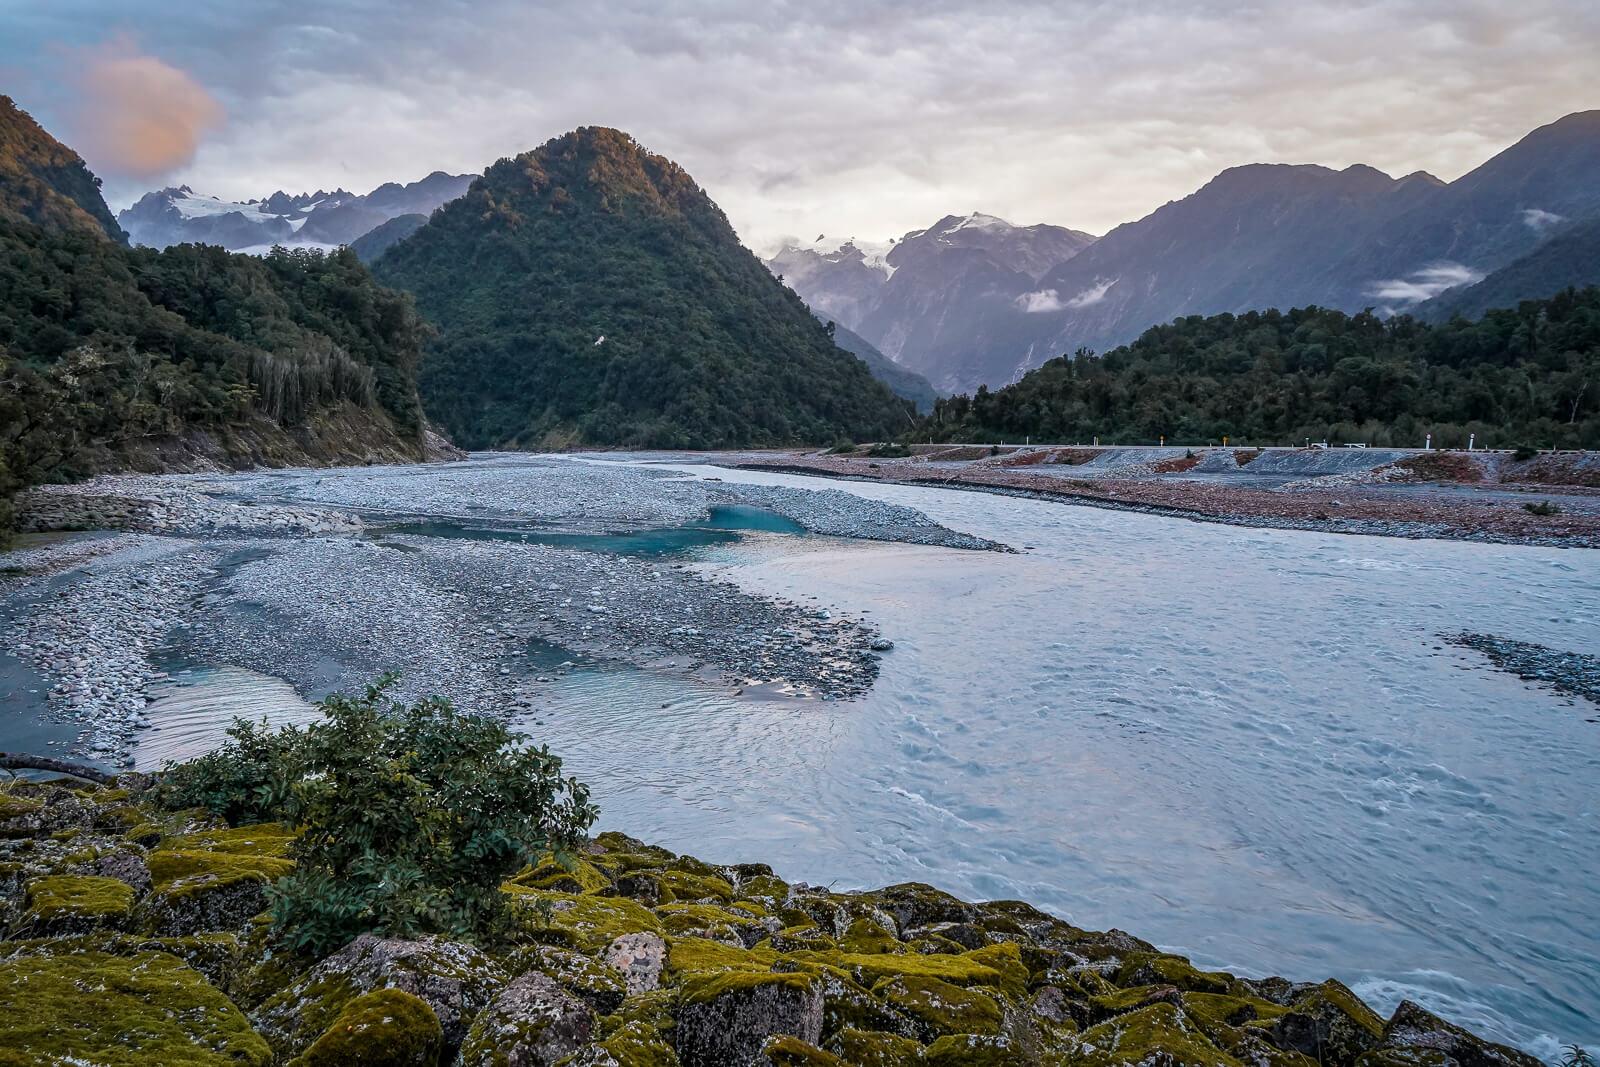 Franz Josef Glacier - by NOMADS